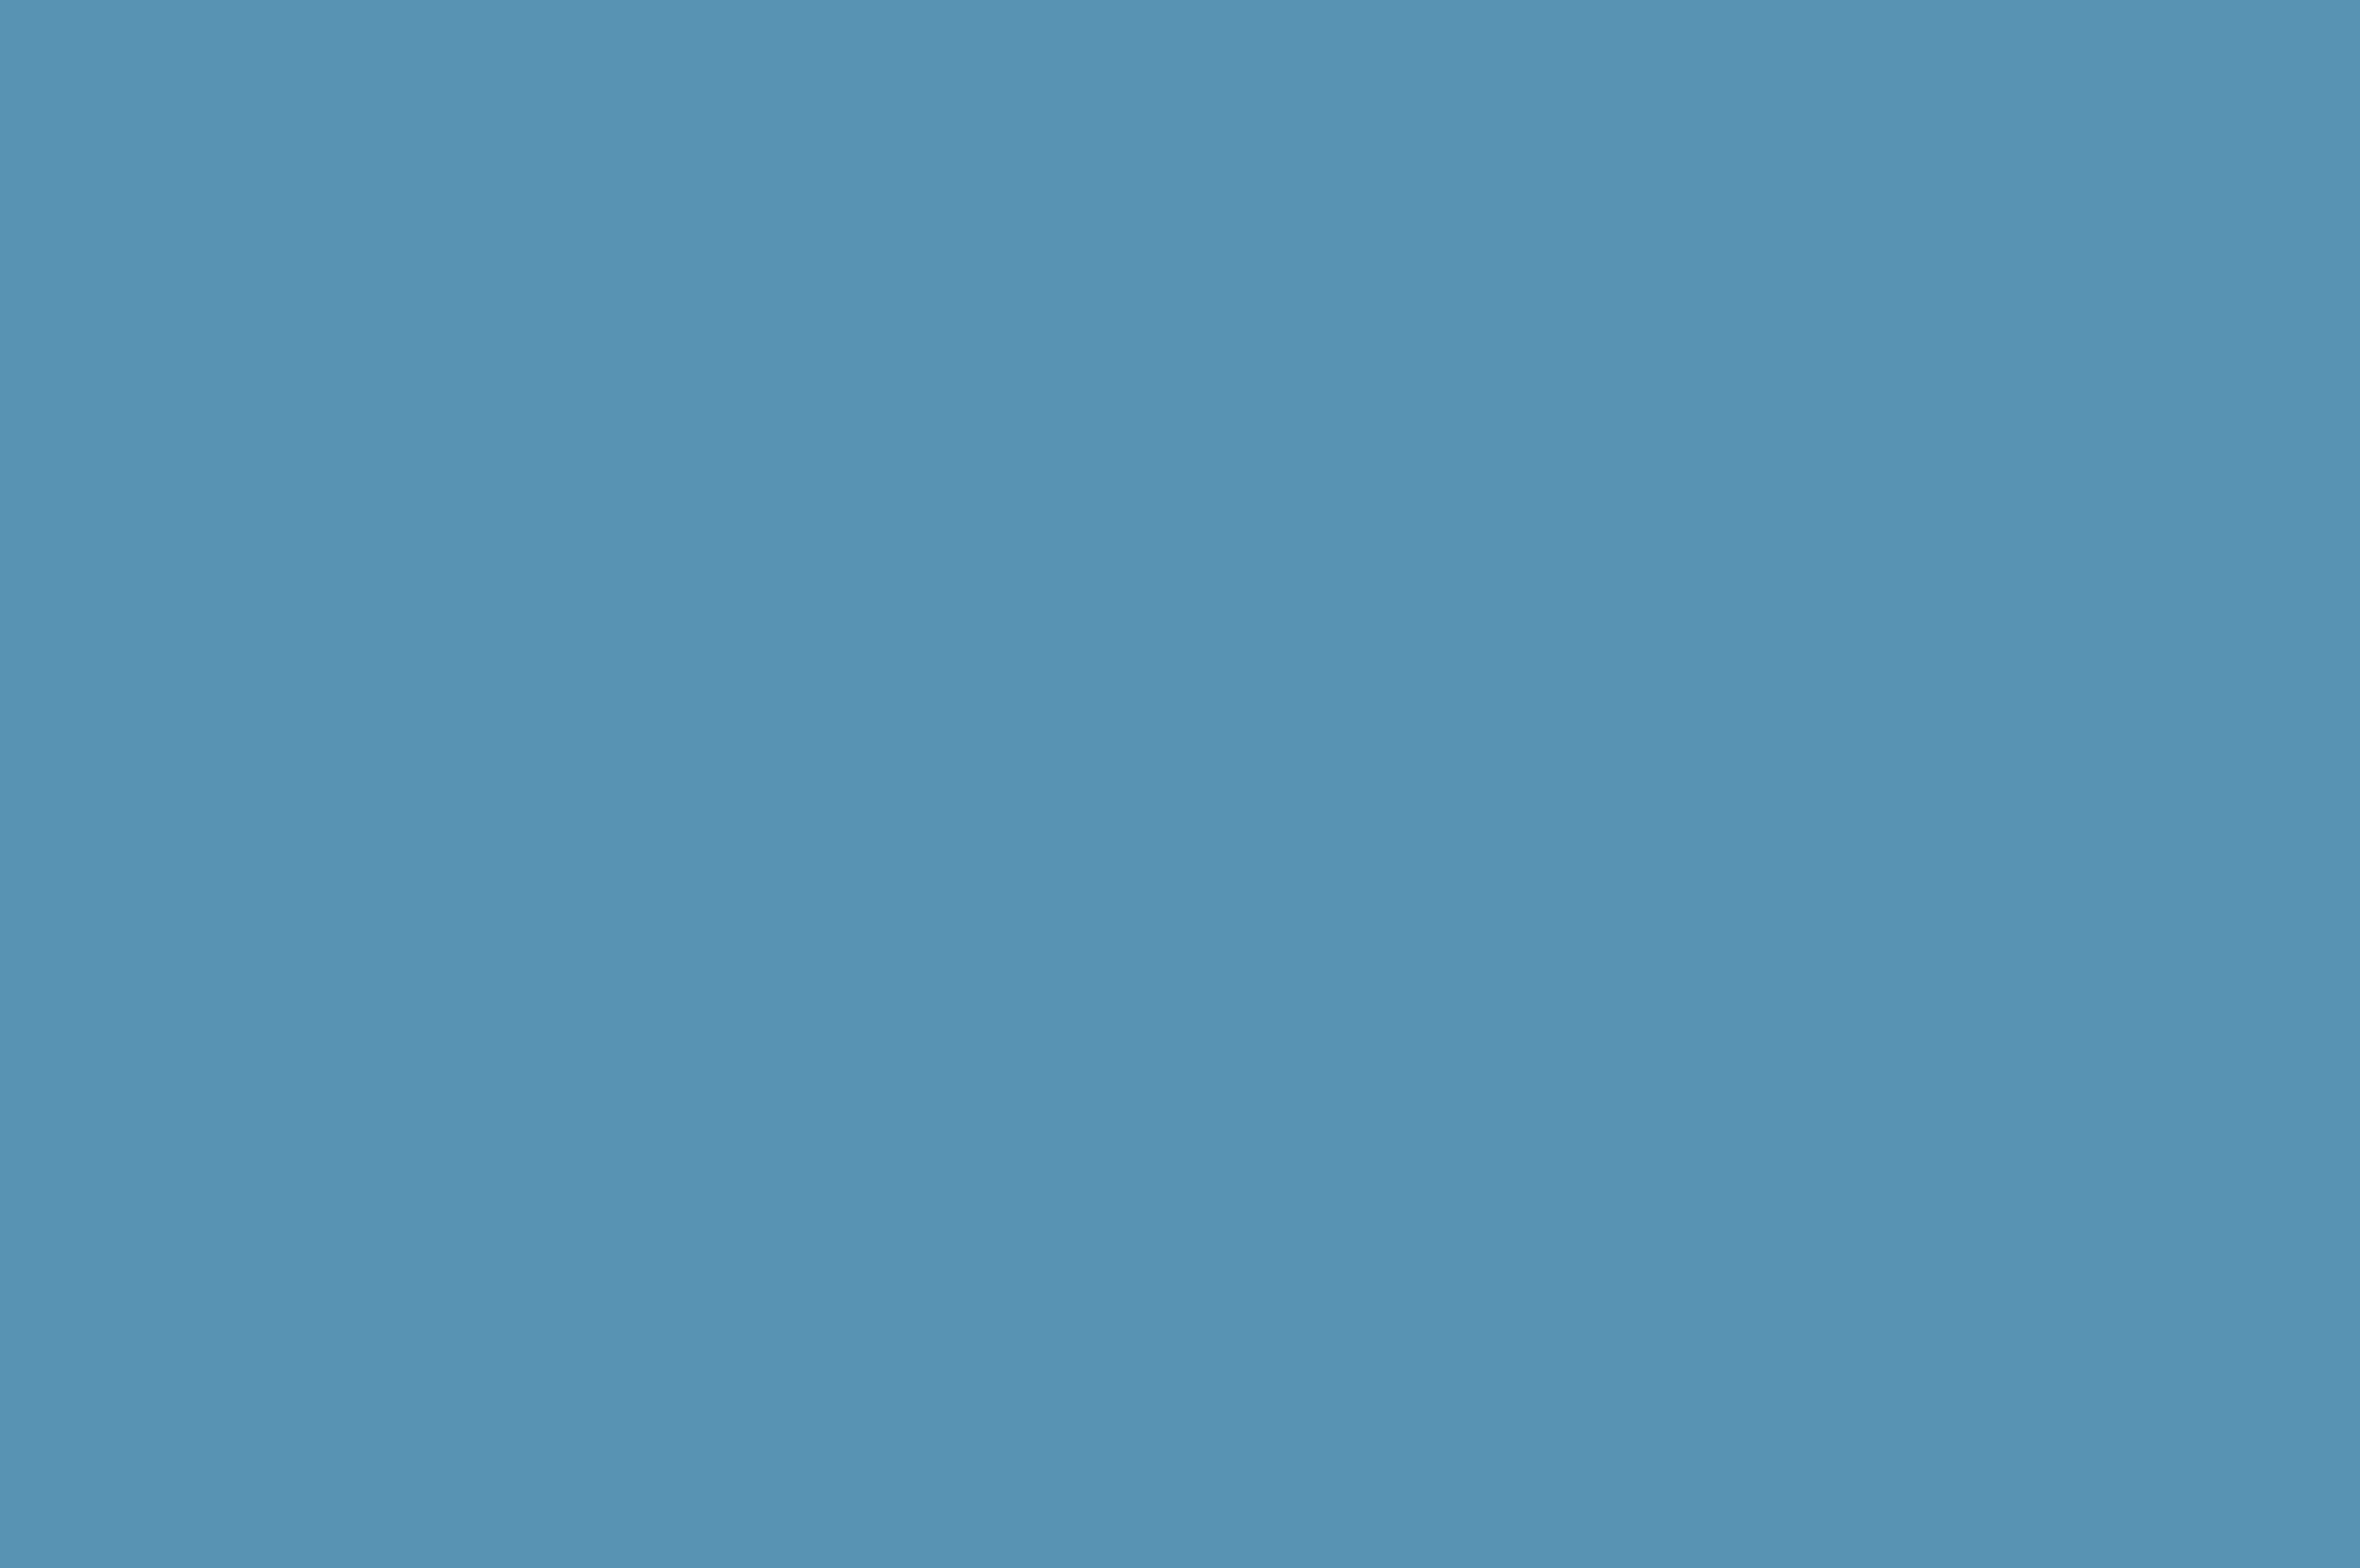 Marset hanglamp tam tam 4 versteeg lichtstudio - Kleur blauw olie ...